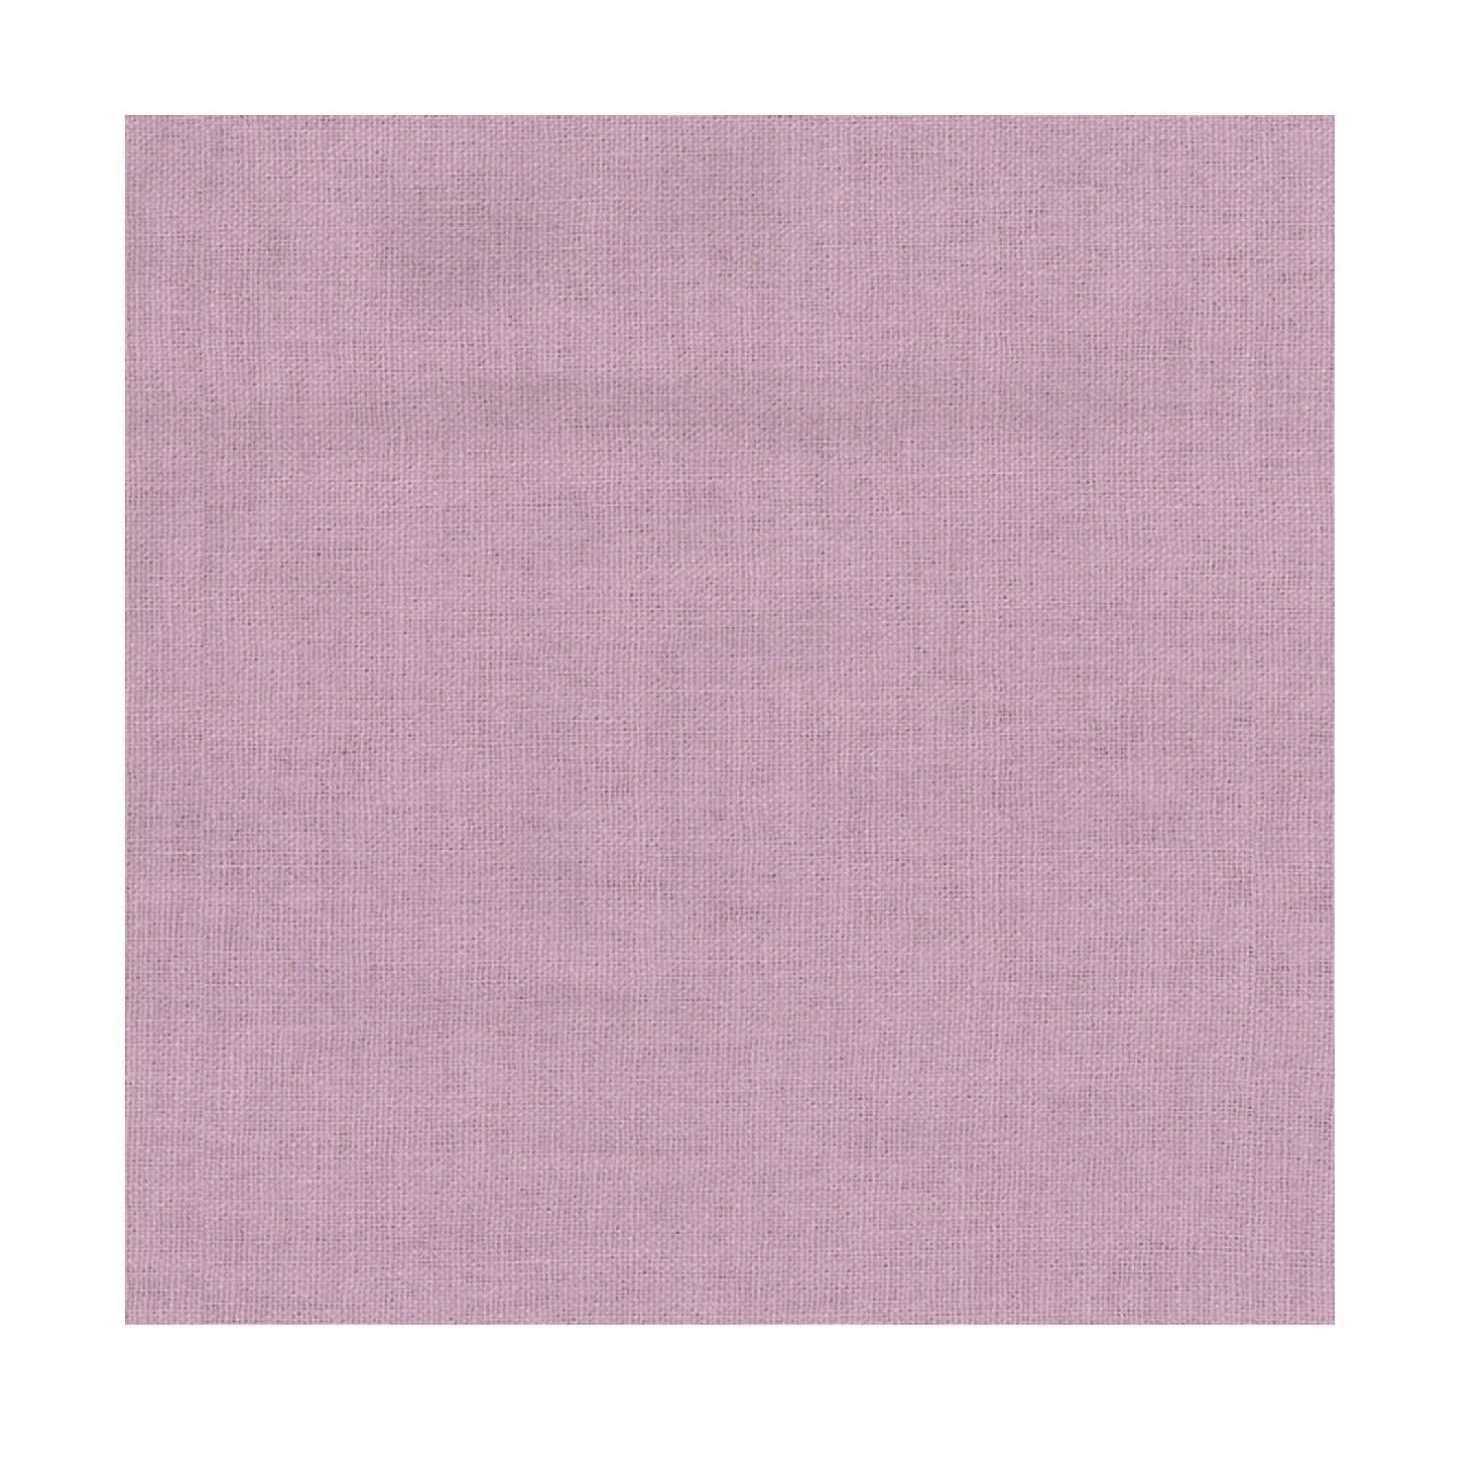 Онлайн каталог PROMENU: Салфетка льняная Aramis ROSA PURO LINO, 41х41 см, фиолетовый                                   2251924